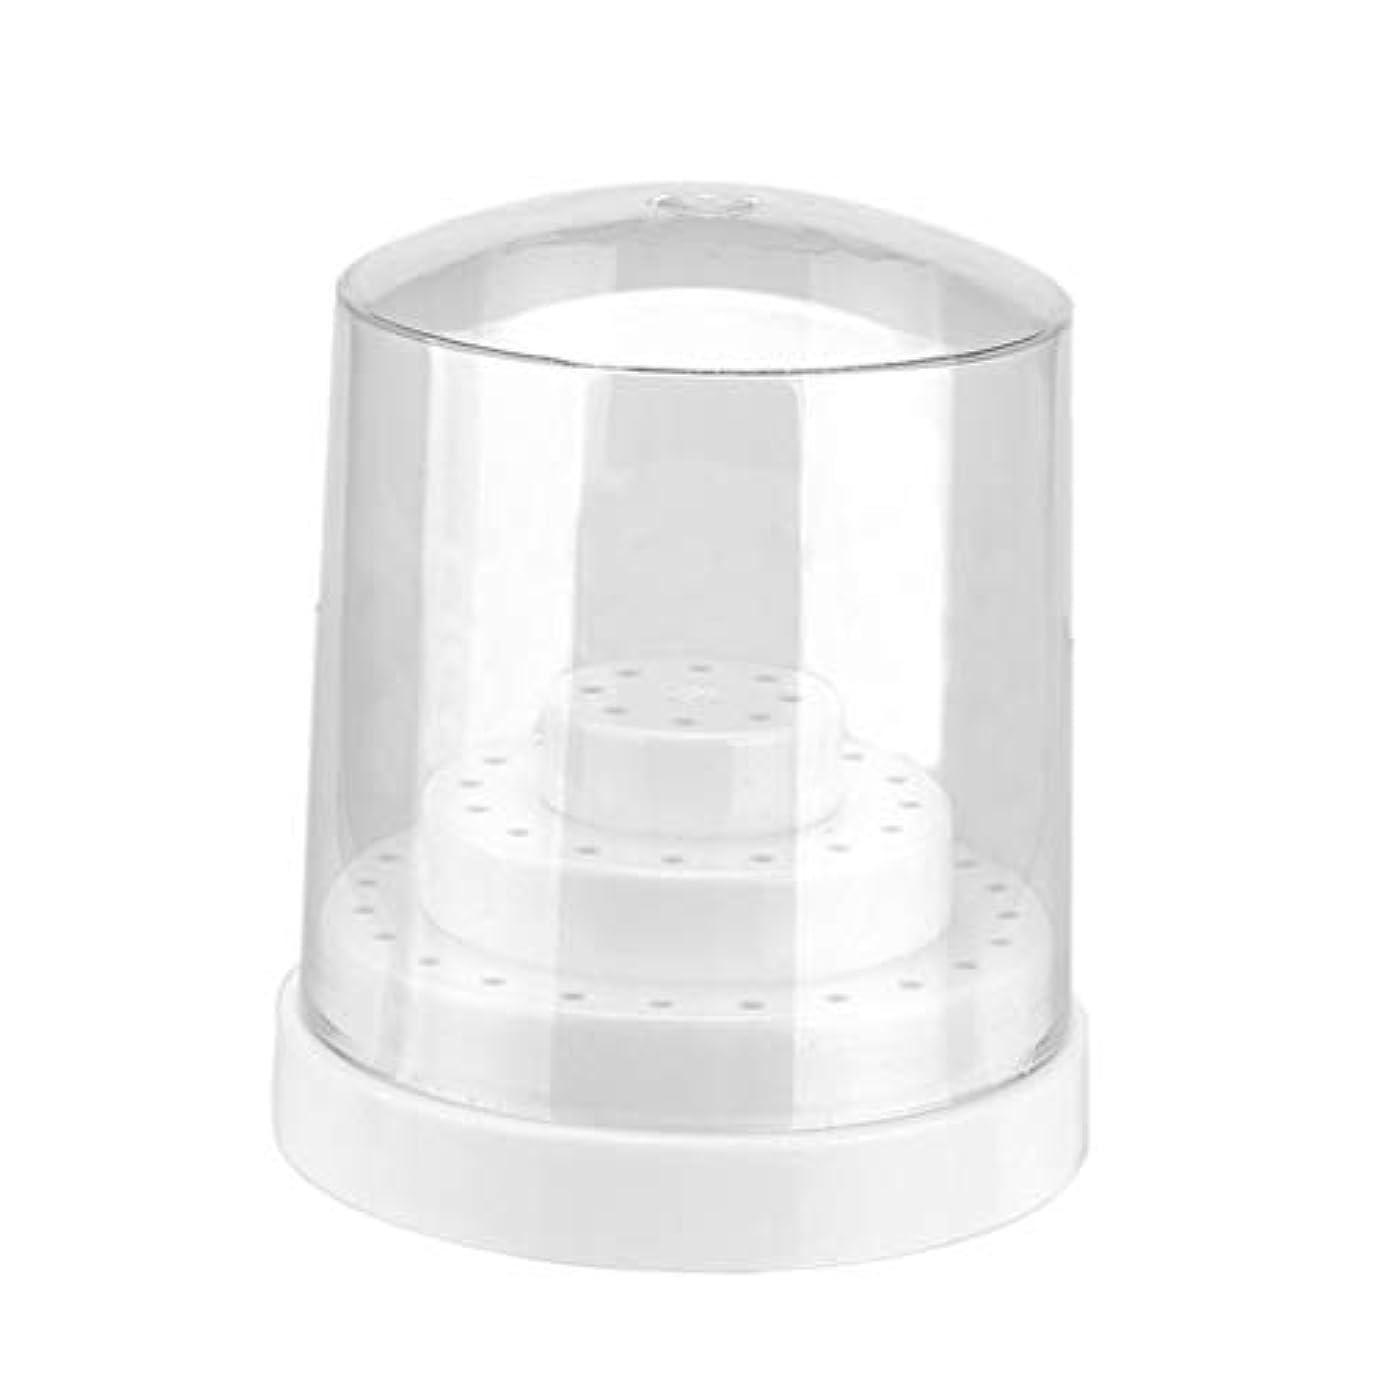 満足できる花輪玉ねぎPerfeclan 48穴 ネイルビットホルダー ネイルファイル 収納ケース クリアカバー付き ネイル道具